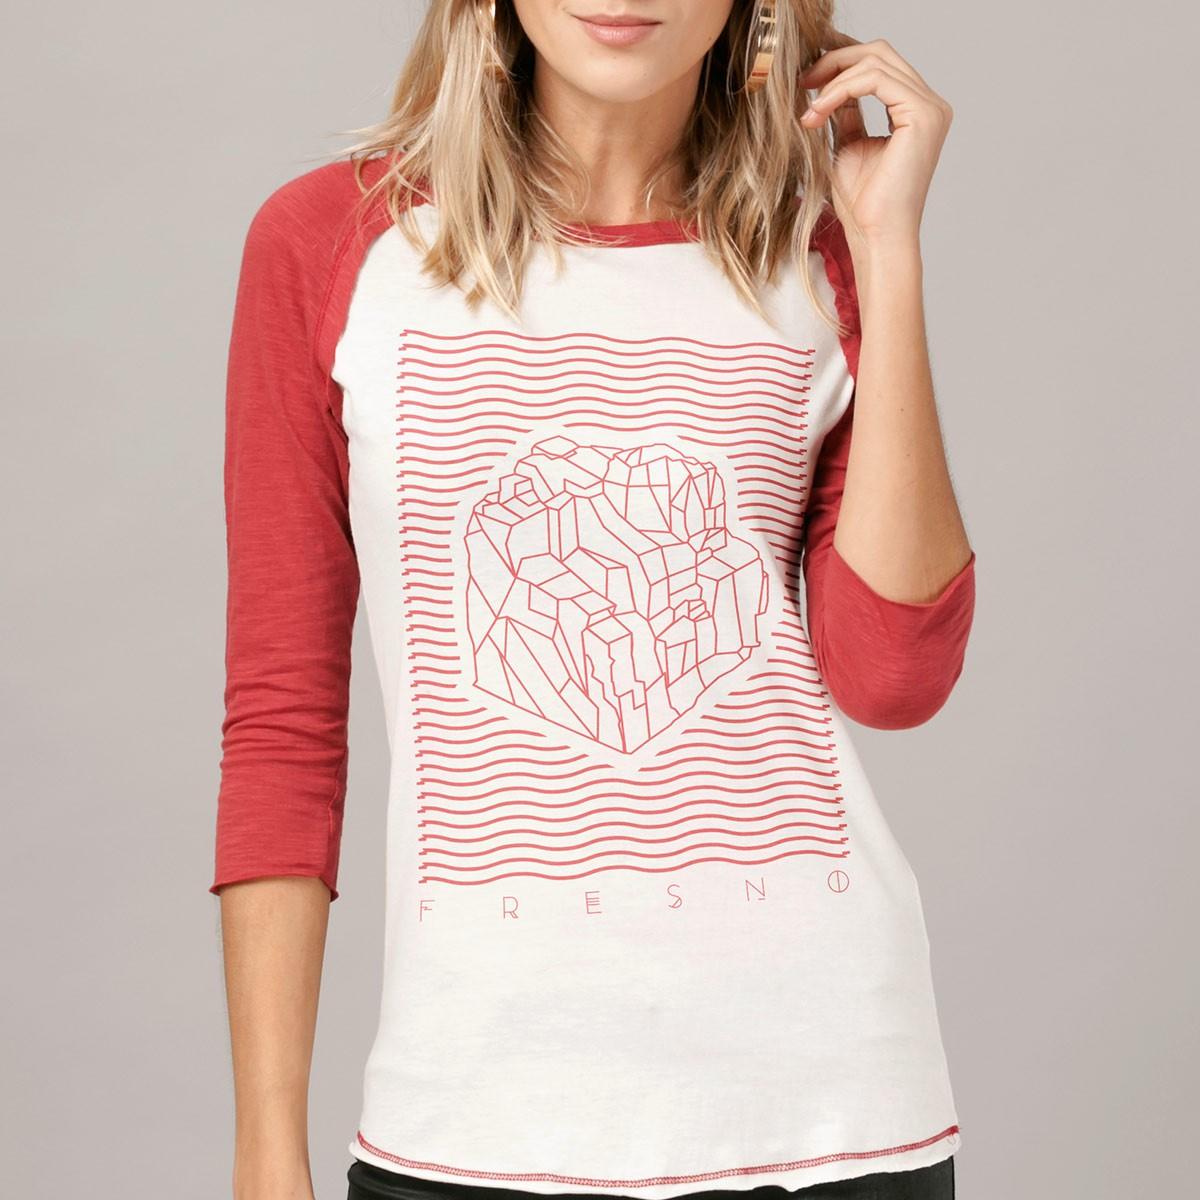 Camiseta Manga Longa Feminina Fresno A Sinfonia de Tudo que Há